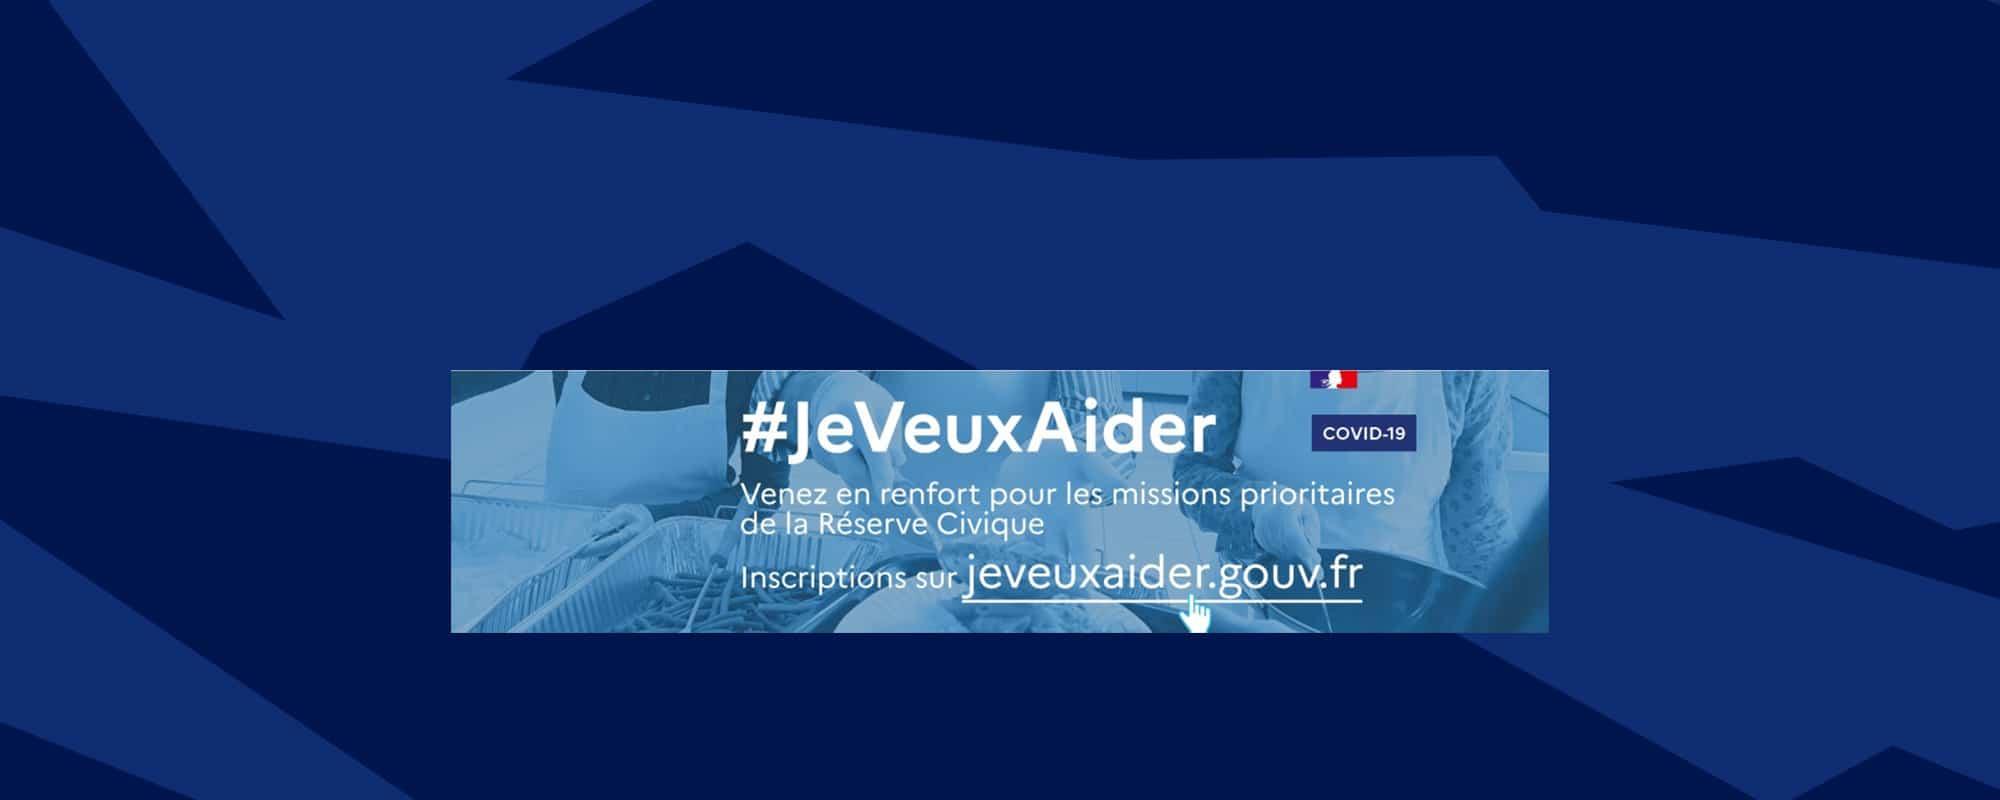 Lancement de la plateforme solidaire : jeveuxaider.gouv.fr